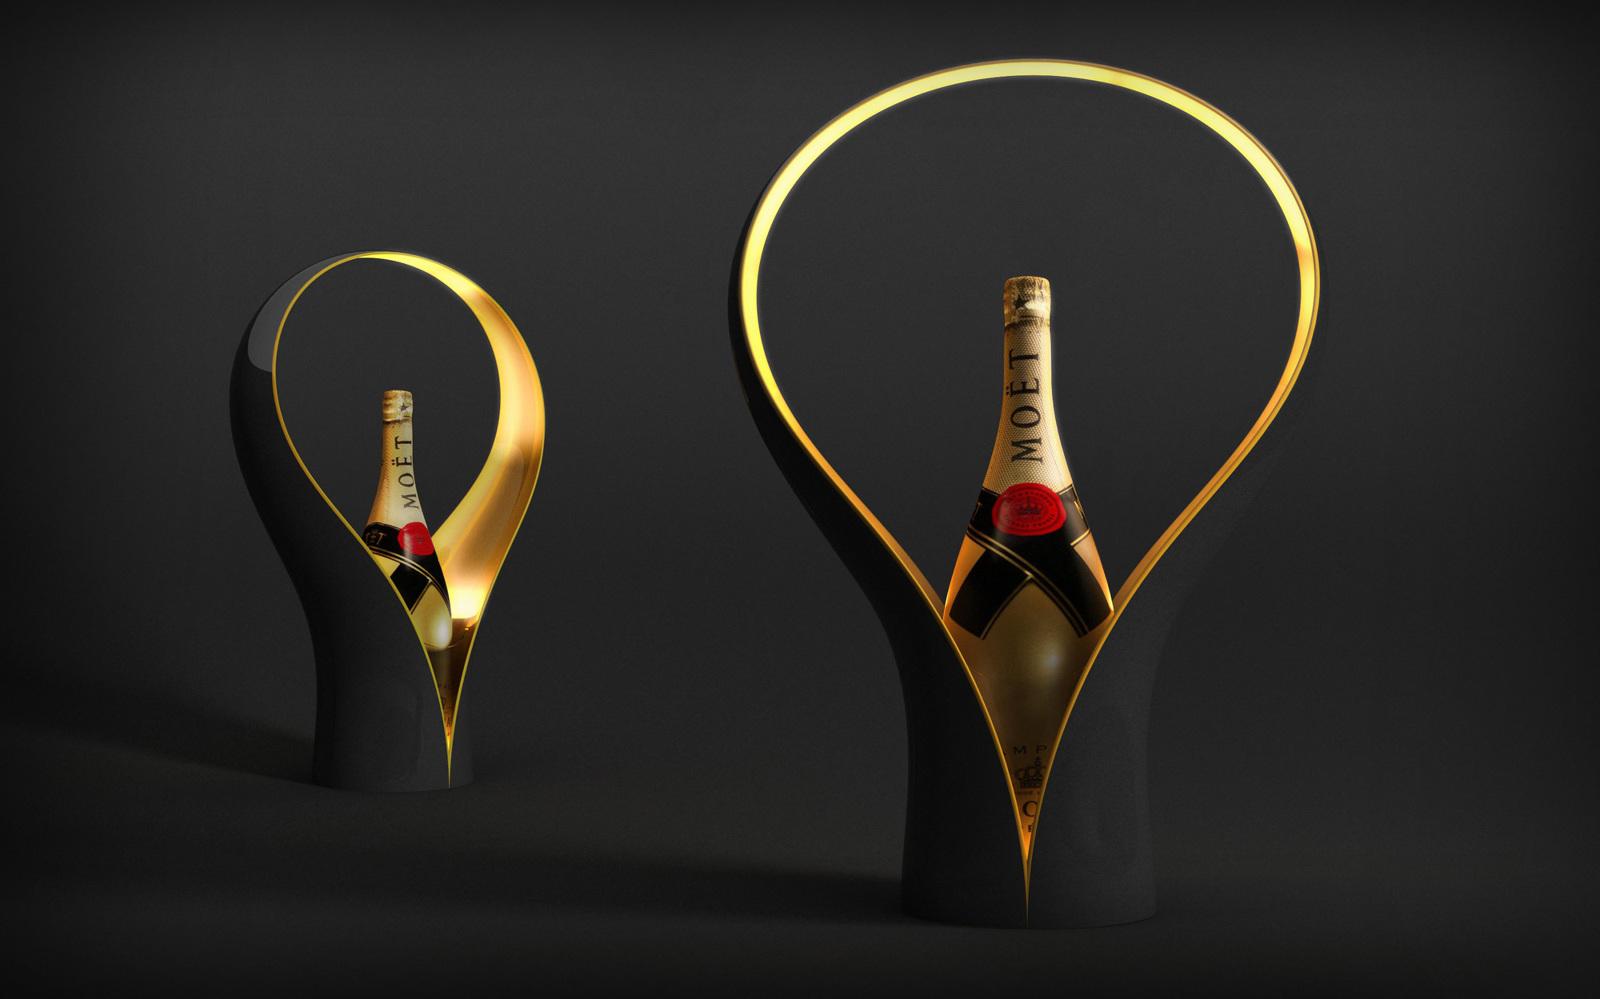 seau champagne jean charles rodinger. Black Bedroom Furniture Sets. Home Design Ideas